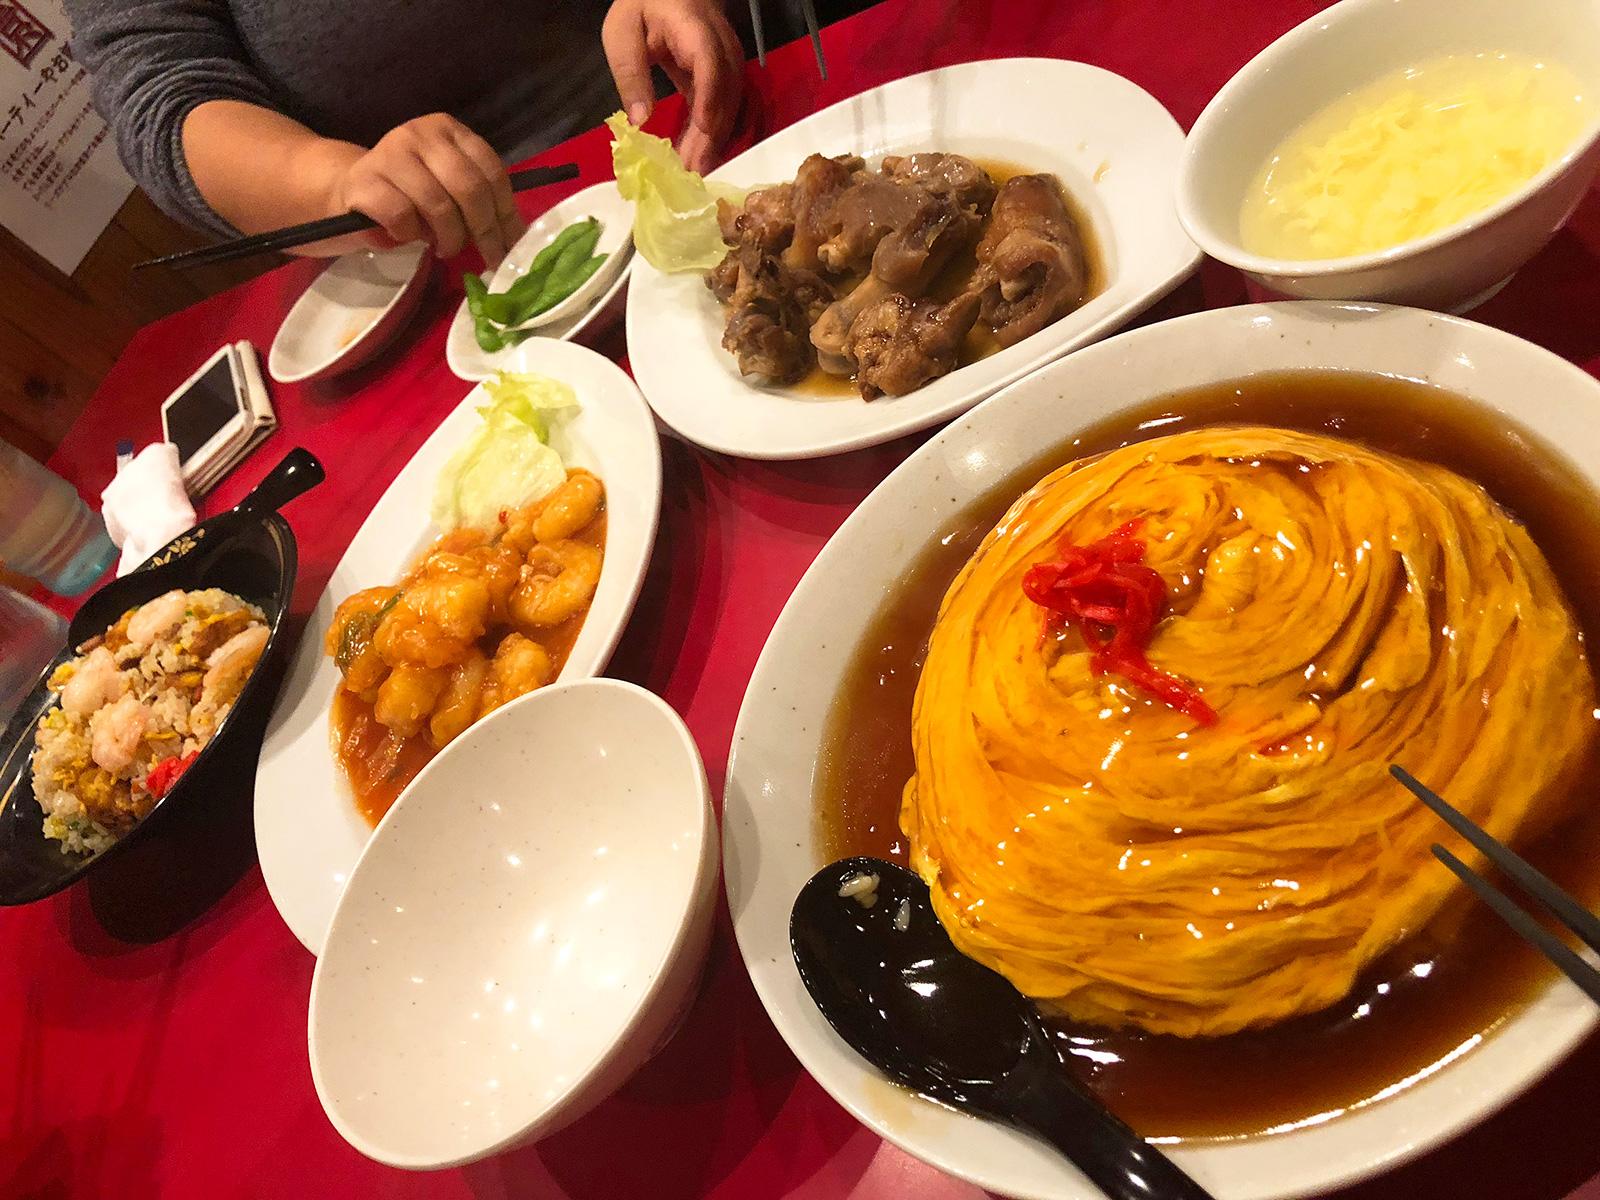 オススメ「中華料理 / 中国料理」の美味しいご飯・ランチ記事一覧